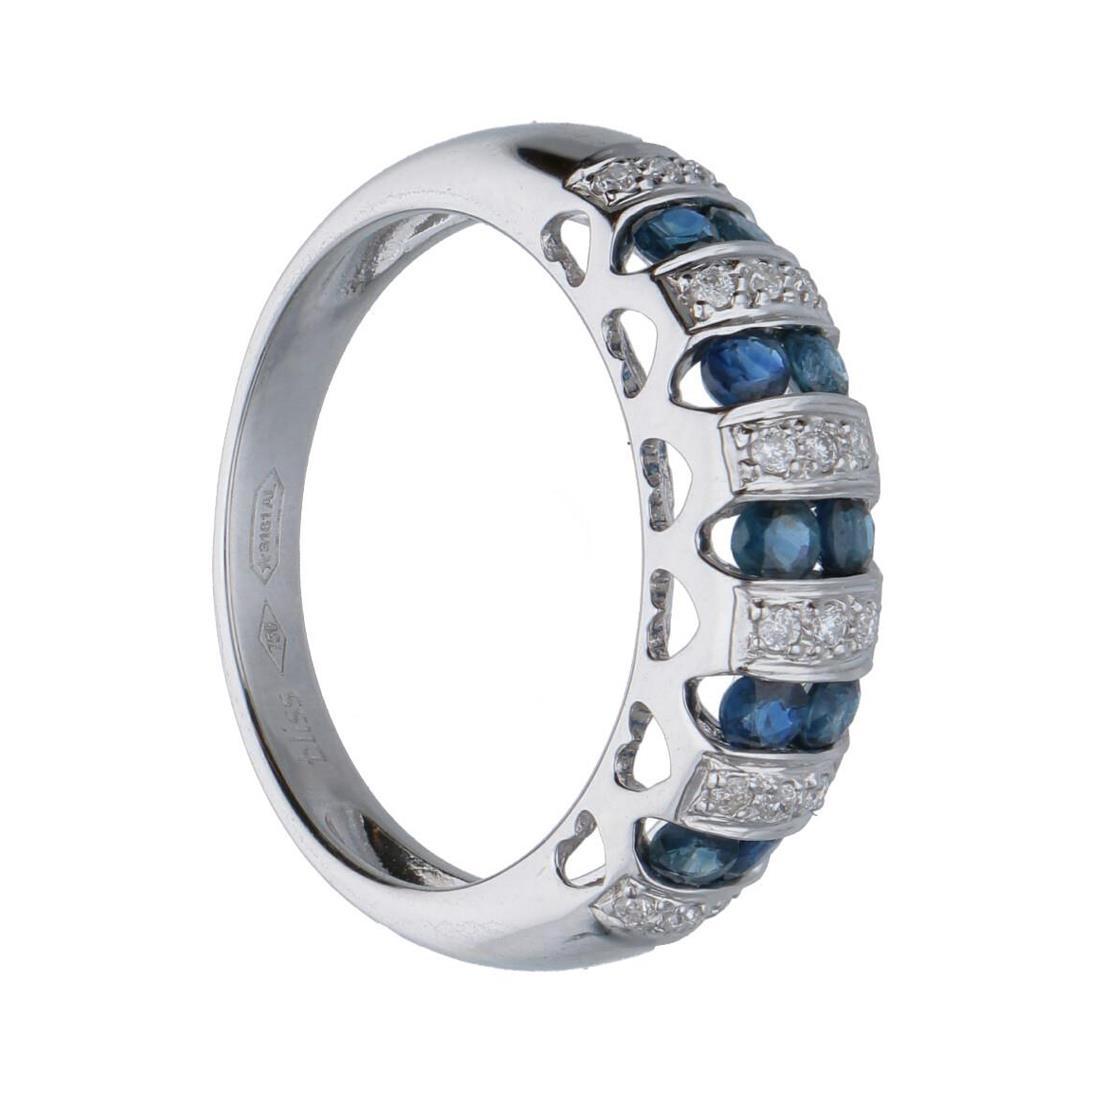 Anello in oro bianco con diamanti e zaffiri ct. 0,70 - BLISS